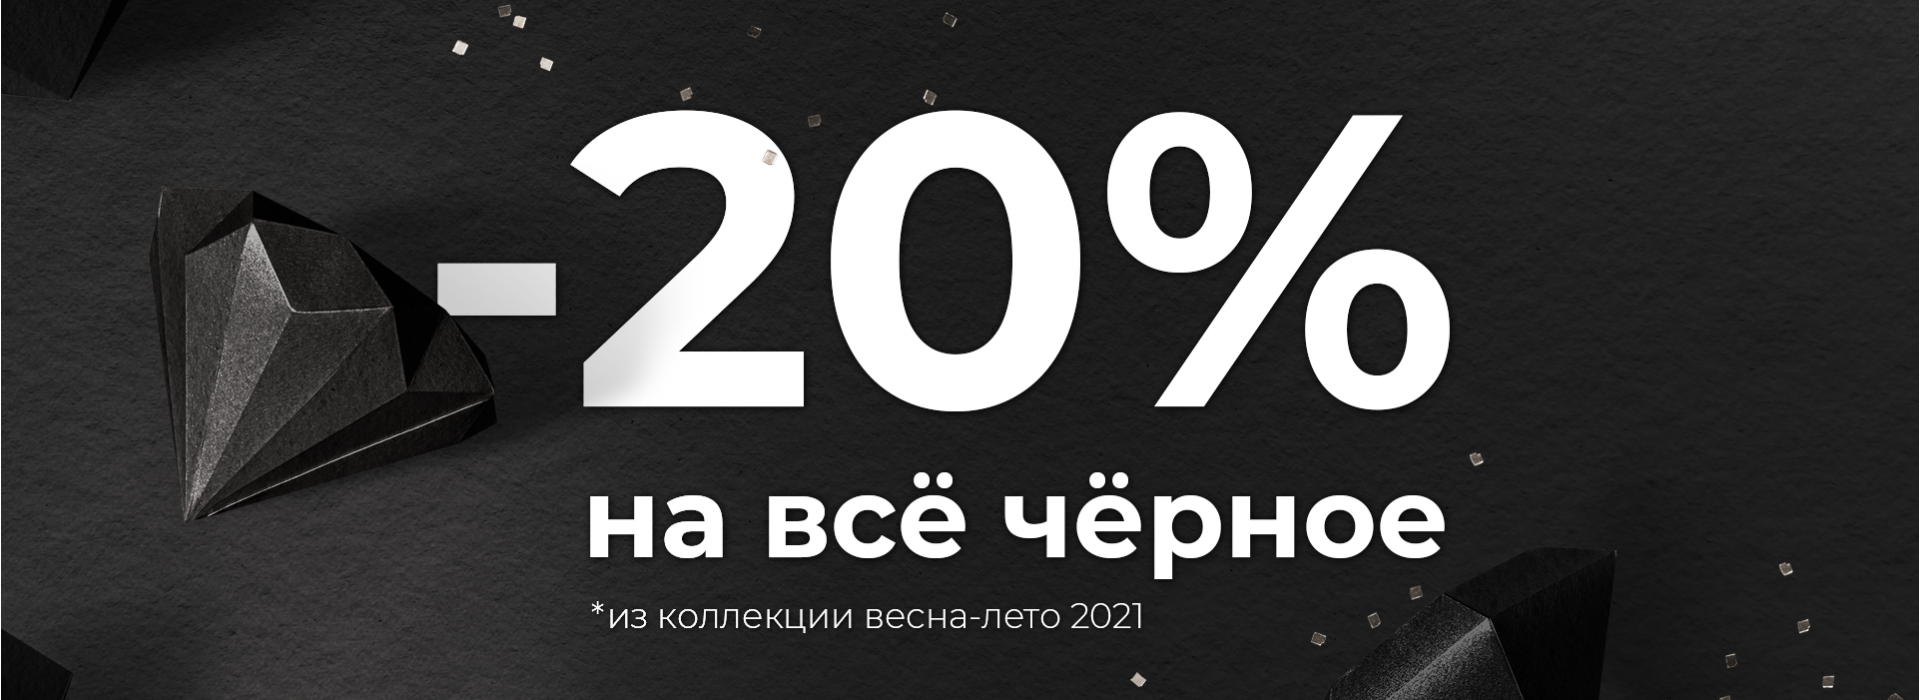 -20% на всё чёрное